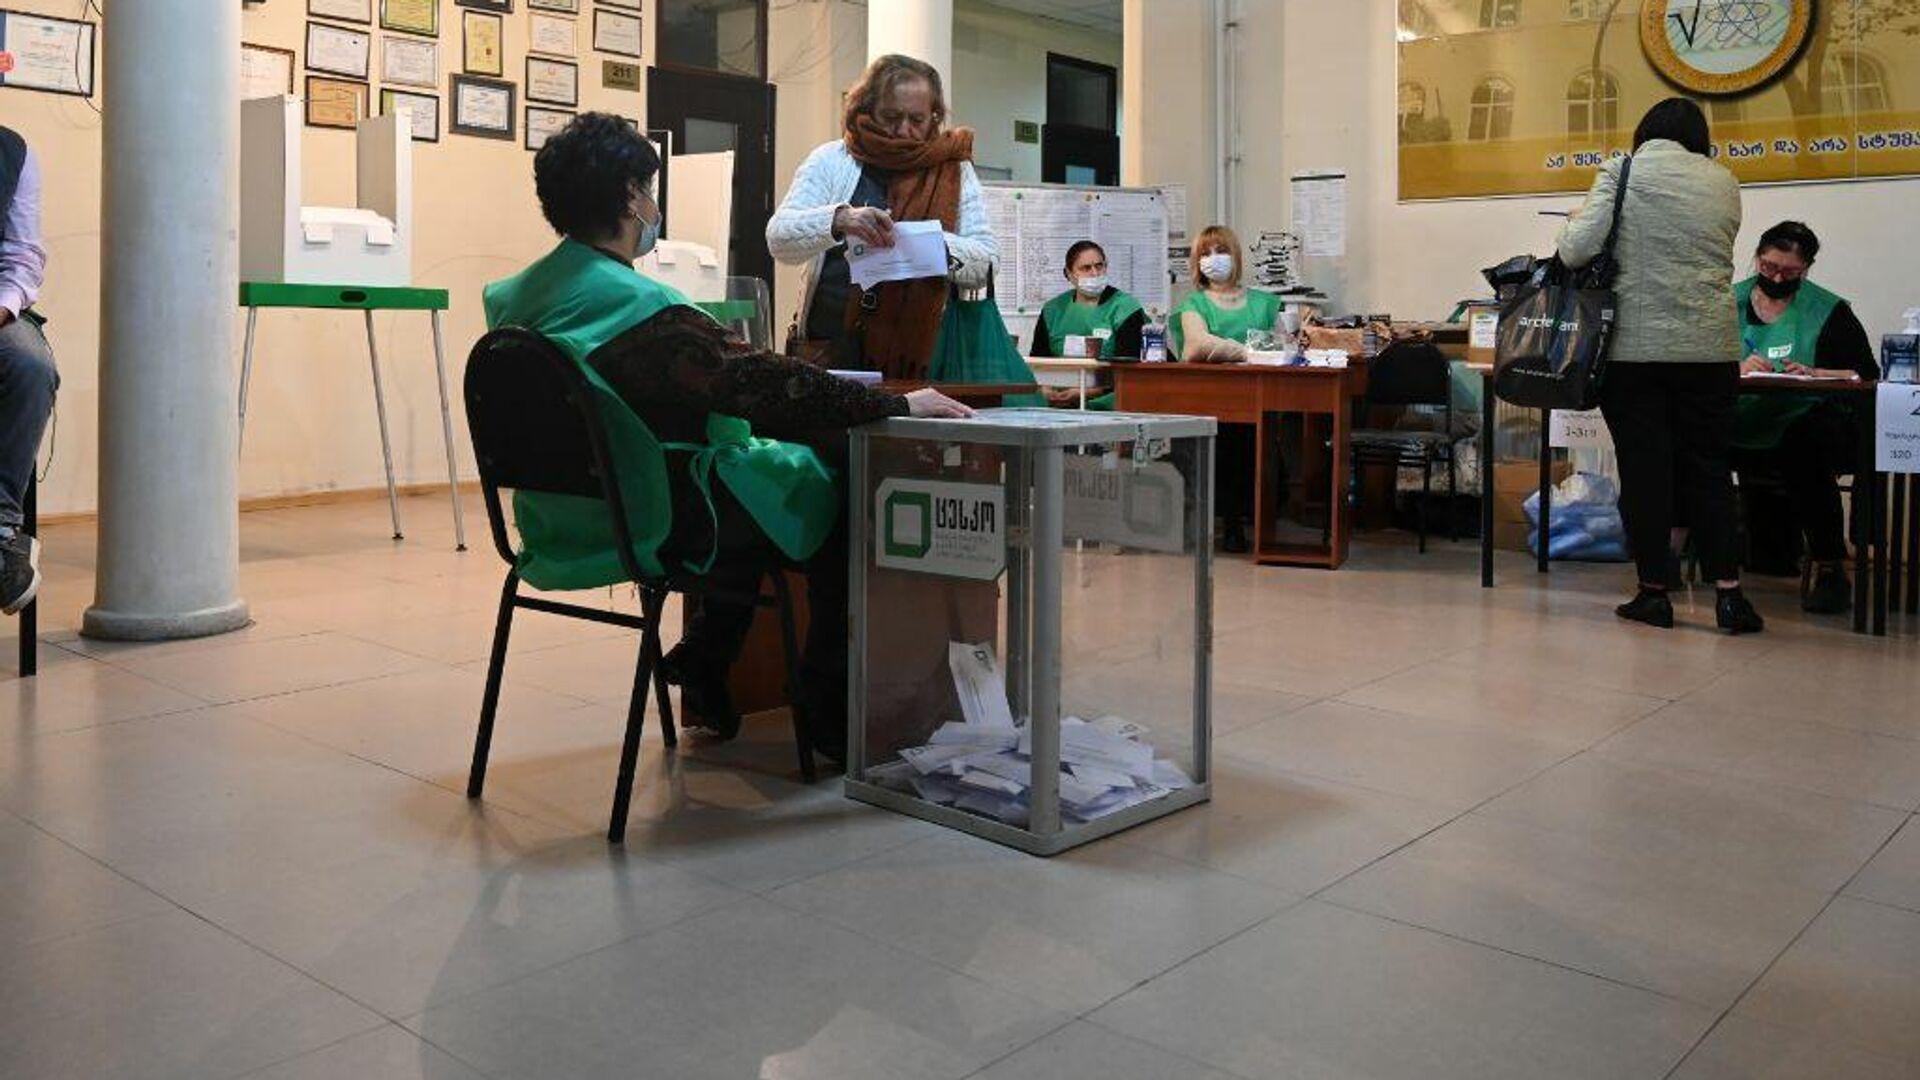 Местные выборы в Грузии 2 октября - избиратели участвуют в голосовании - Sputnik Грузия, 1920, 06.10.2021